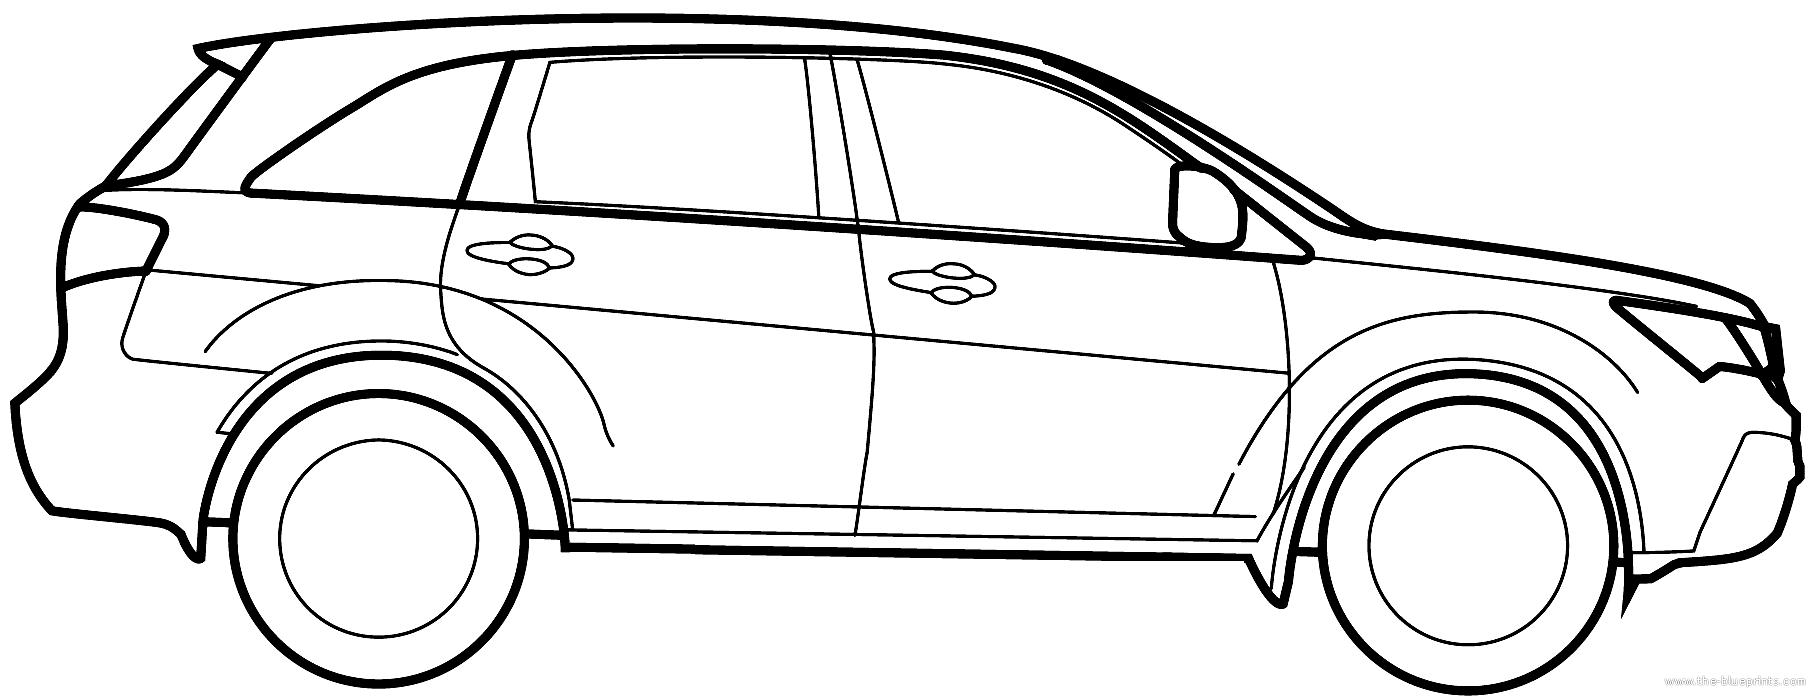 Blueprints Gt Cars Gt Acura Gt Acura Mdx 2010